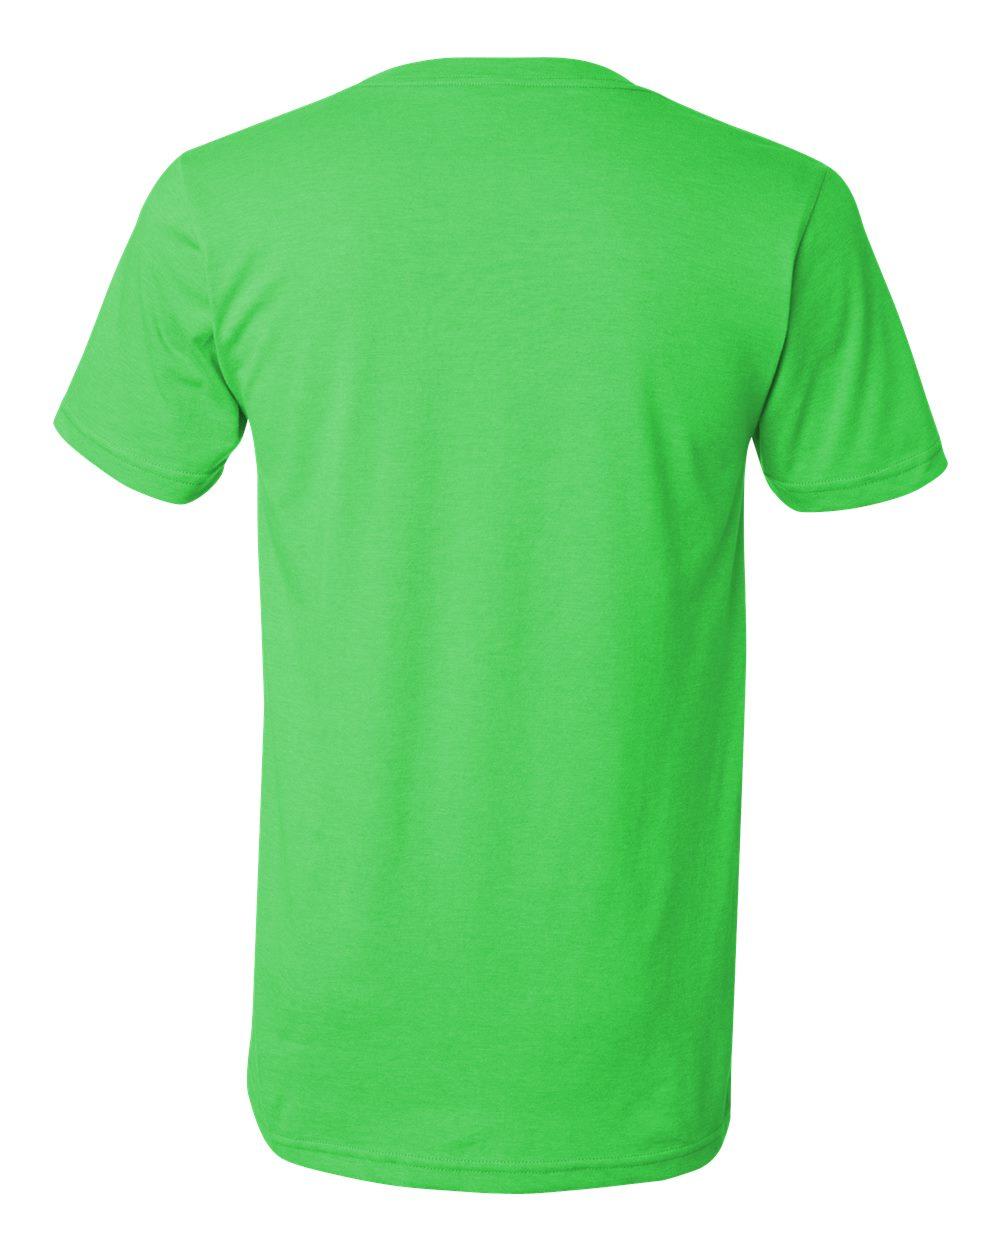 Bella-Canvas-Men-039-s-Jersey-Short-Sleeve-V-Neck-T-Shirt-3005-XS-3XL thumbnail 10